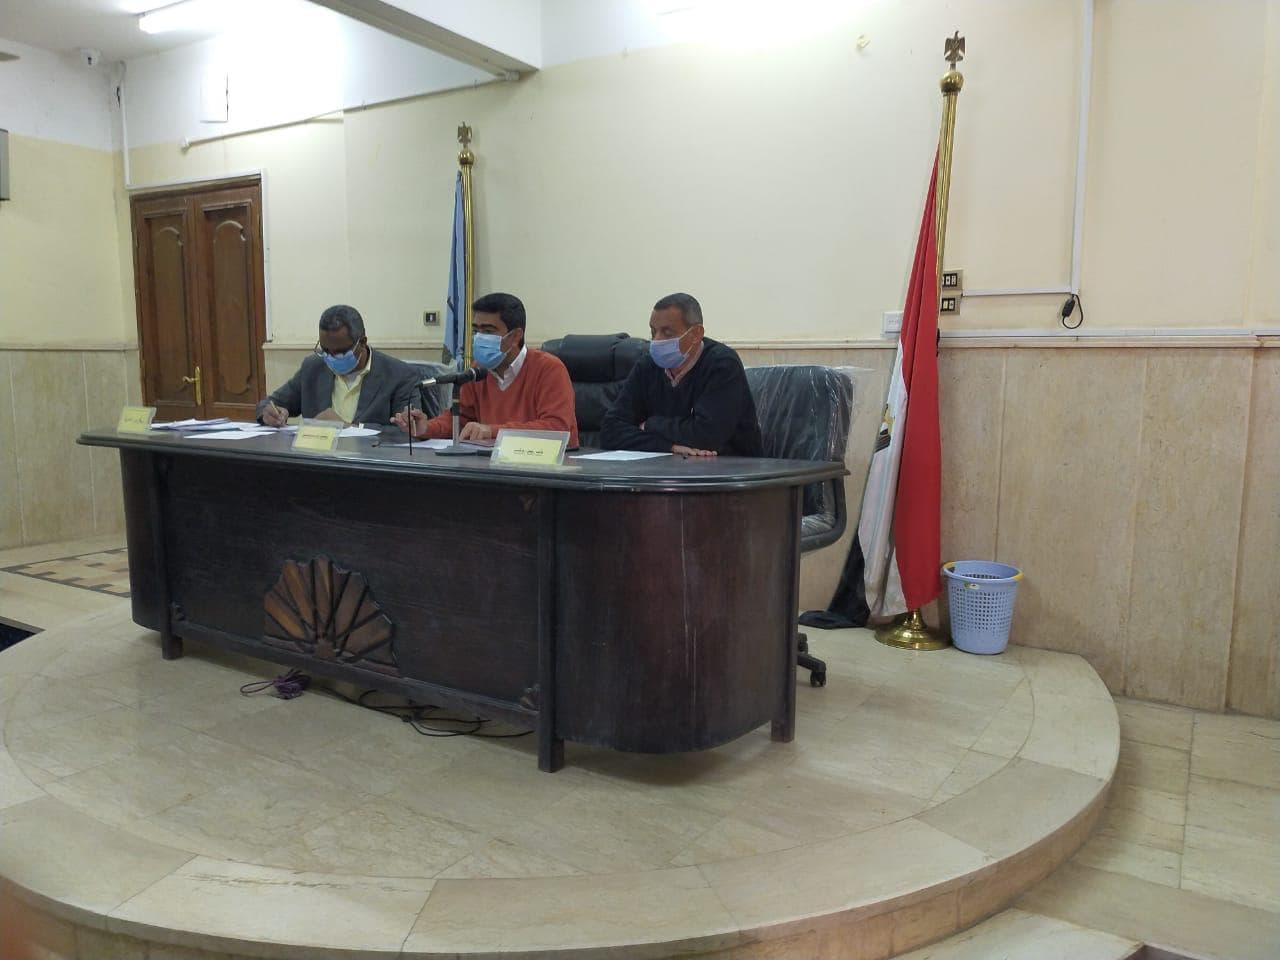 رئيس مدينة البياضبة يعقد جلسة المجلس التنفيذي رقم ١ لسنة ٢٠٢١ لمناقشة جدول الاعمال